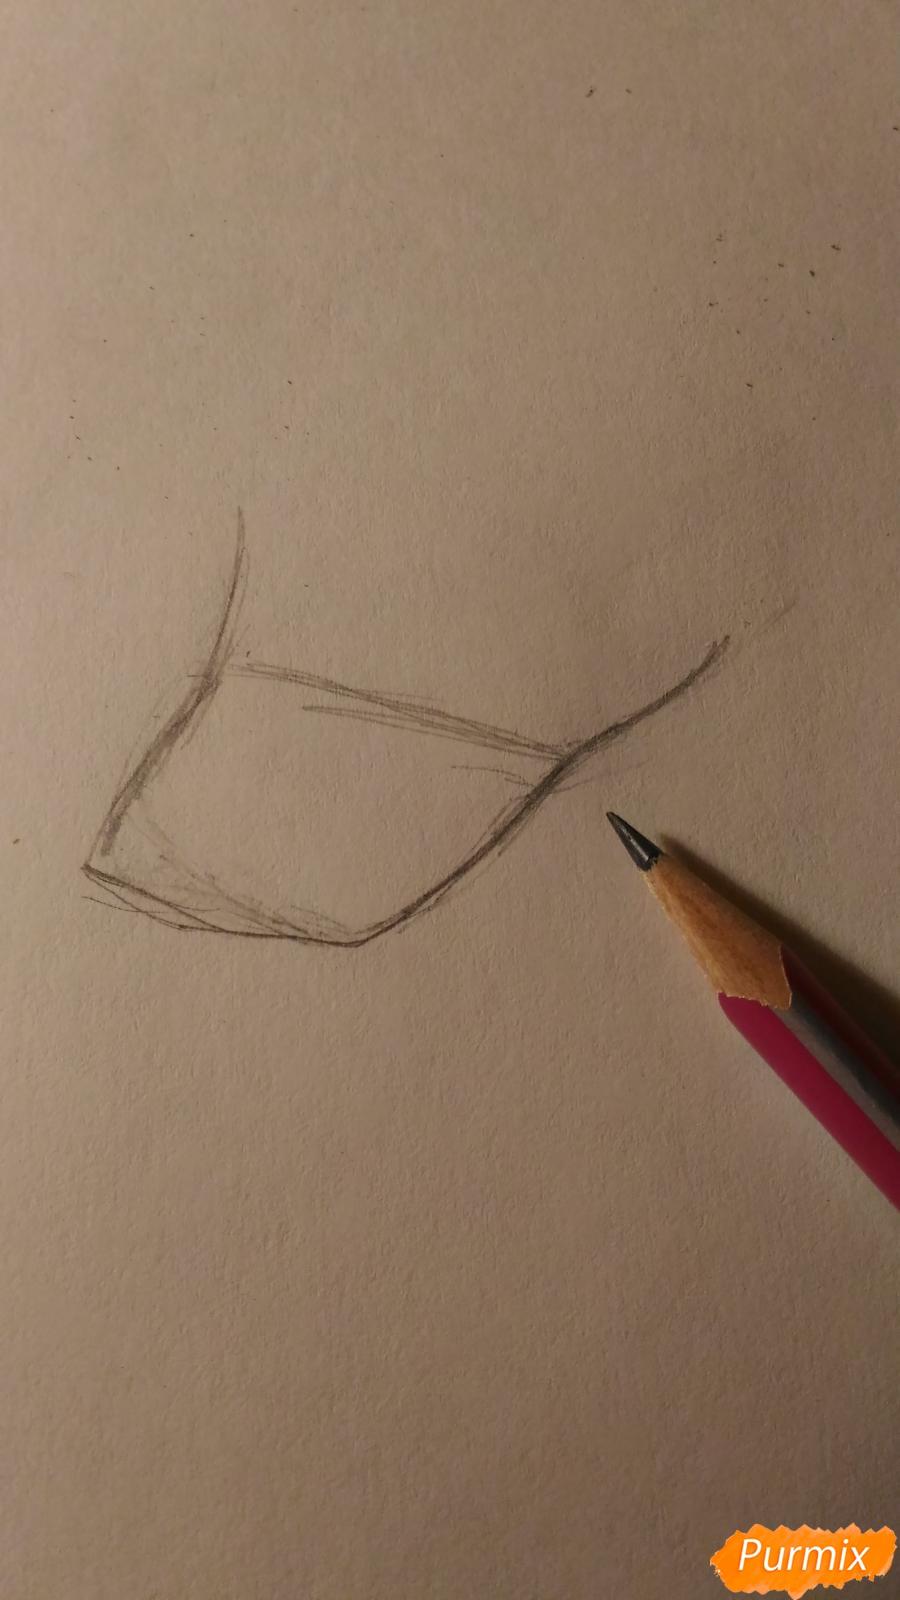 Рисуем пони принцессу Каденс из мультика My Little Pony - шаг 2